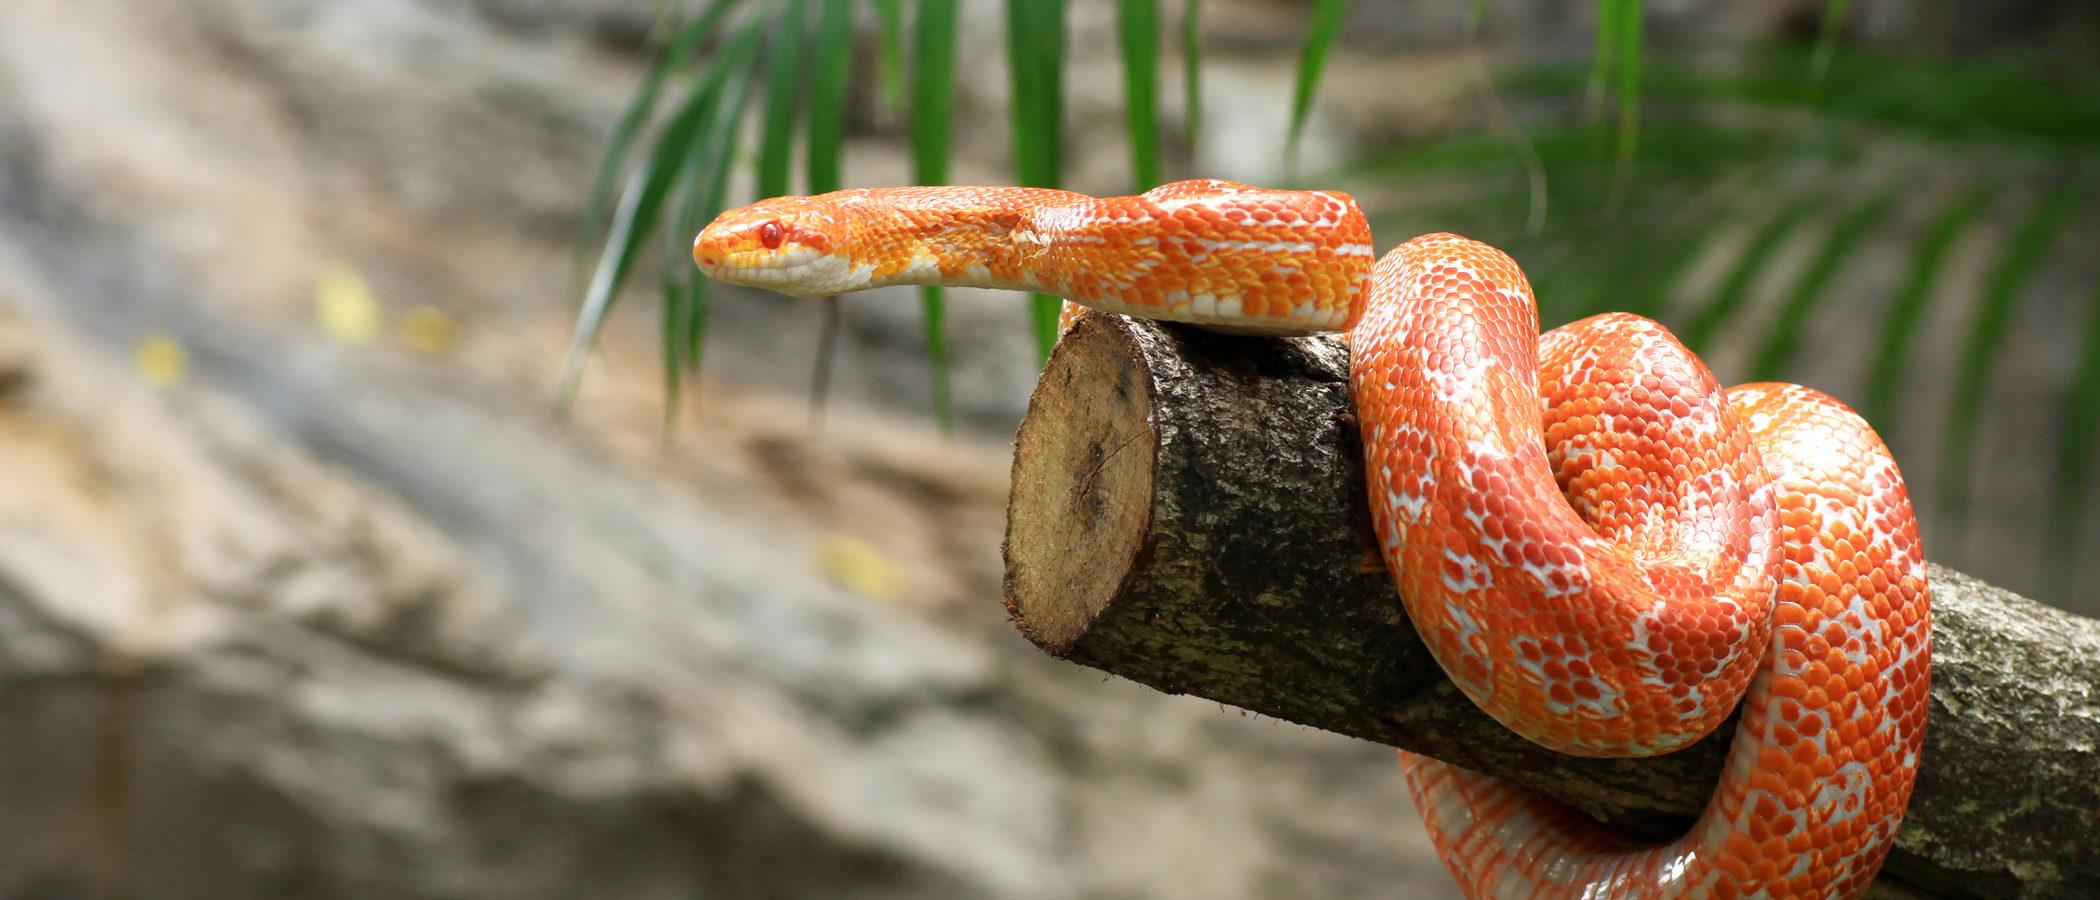 Serpiente de maíz: los cultivos, su lugar preferido